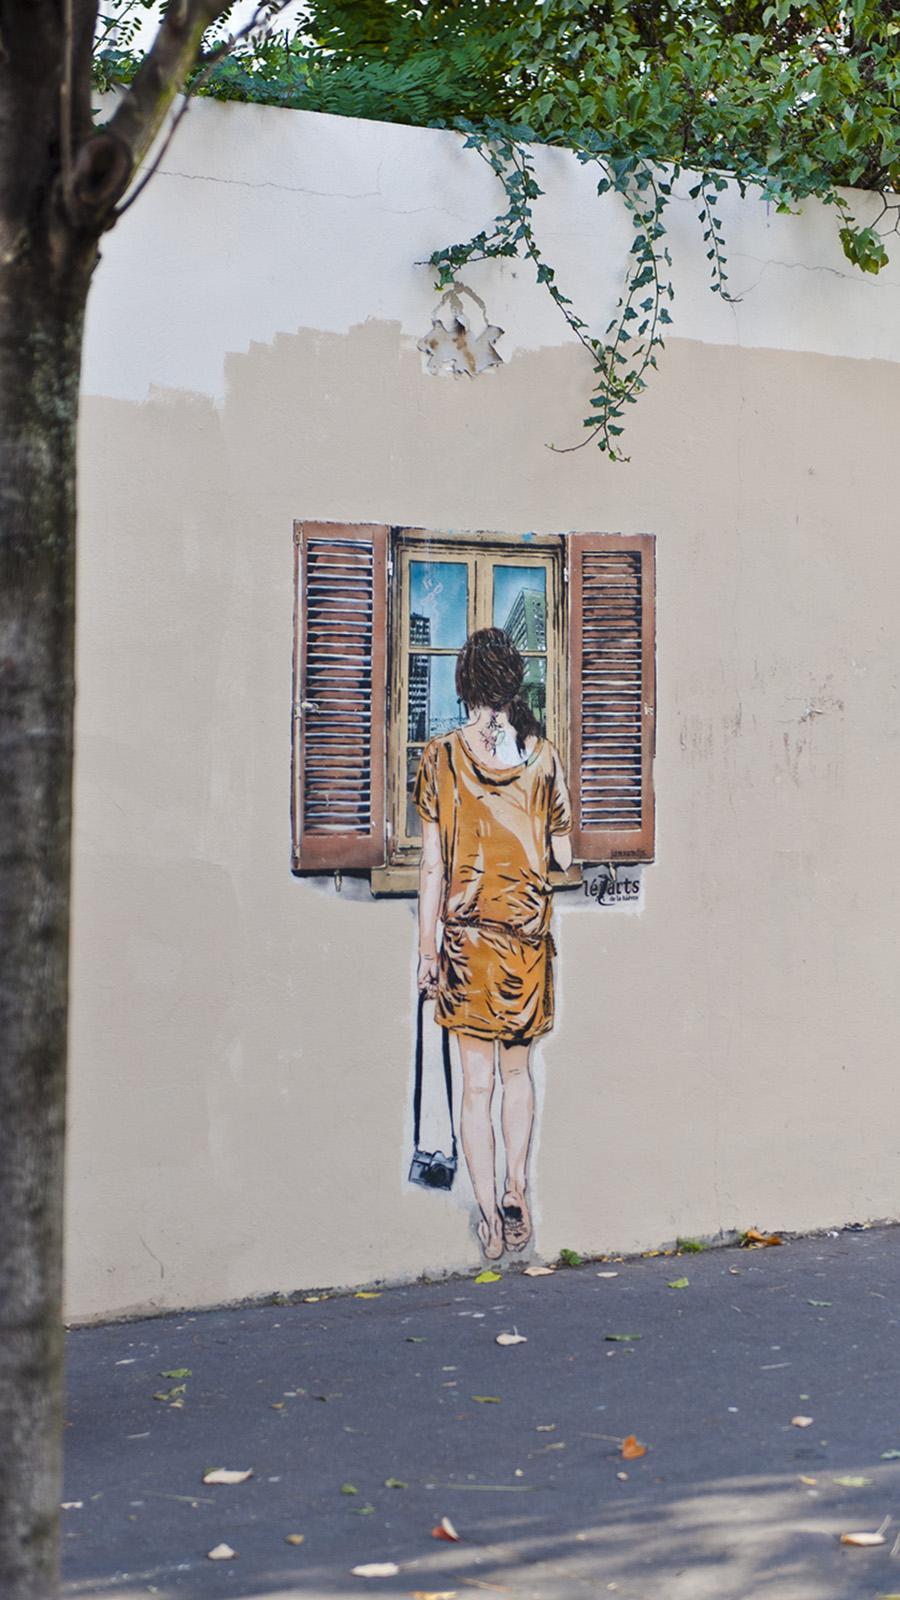 Street Art in der Butte-aux-Cailles. Foto: Hilke Maunder